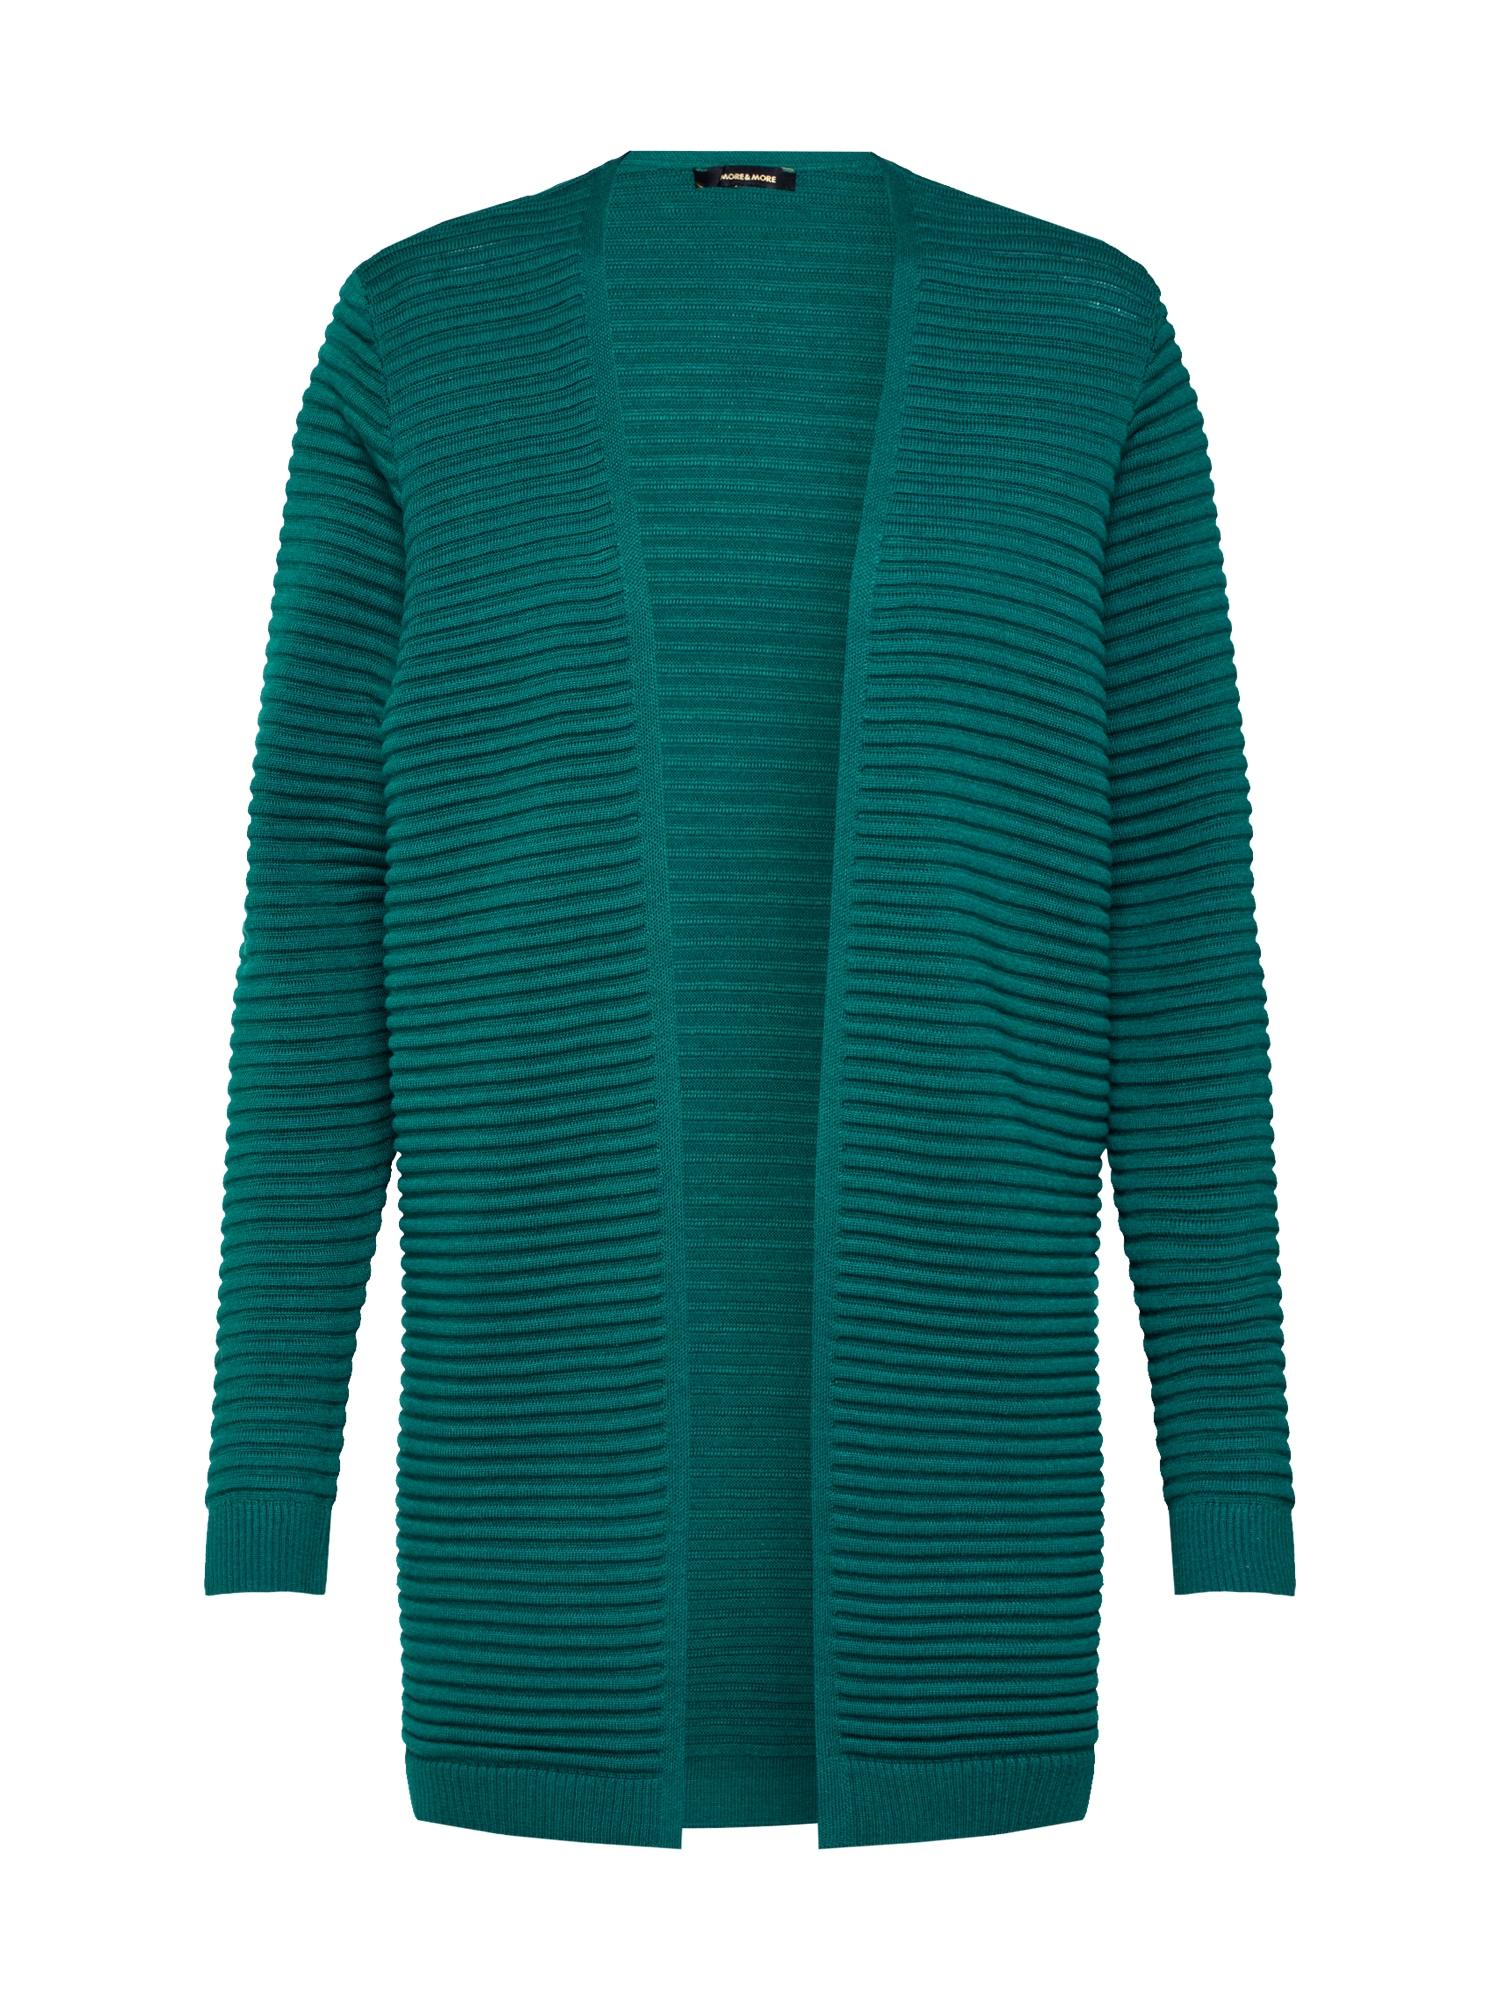 MORE & MORE Kardiganas smaragdinė spalva